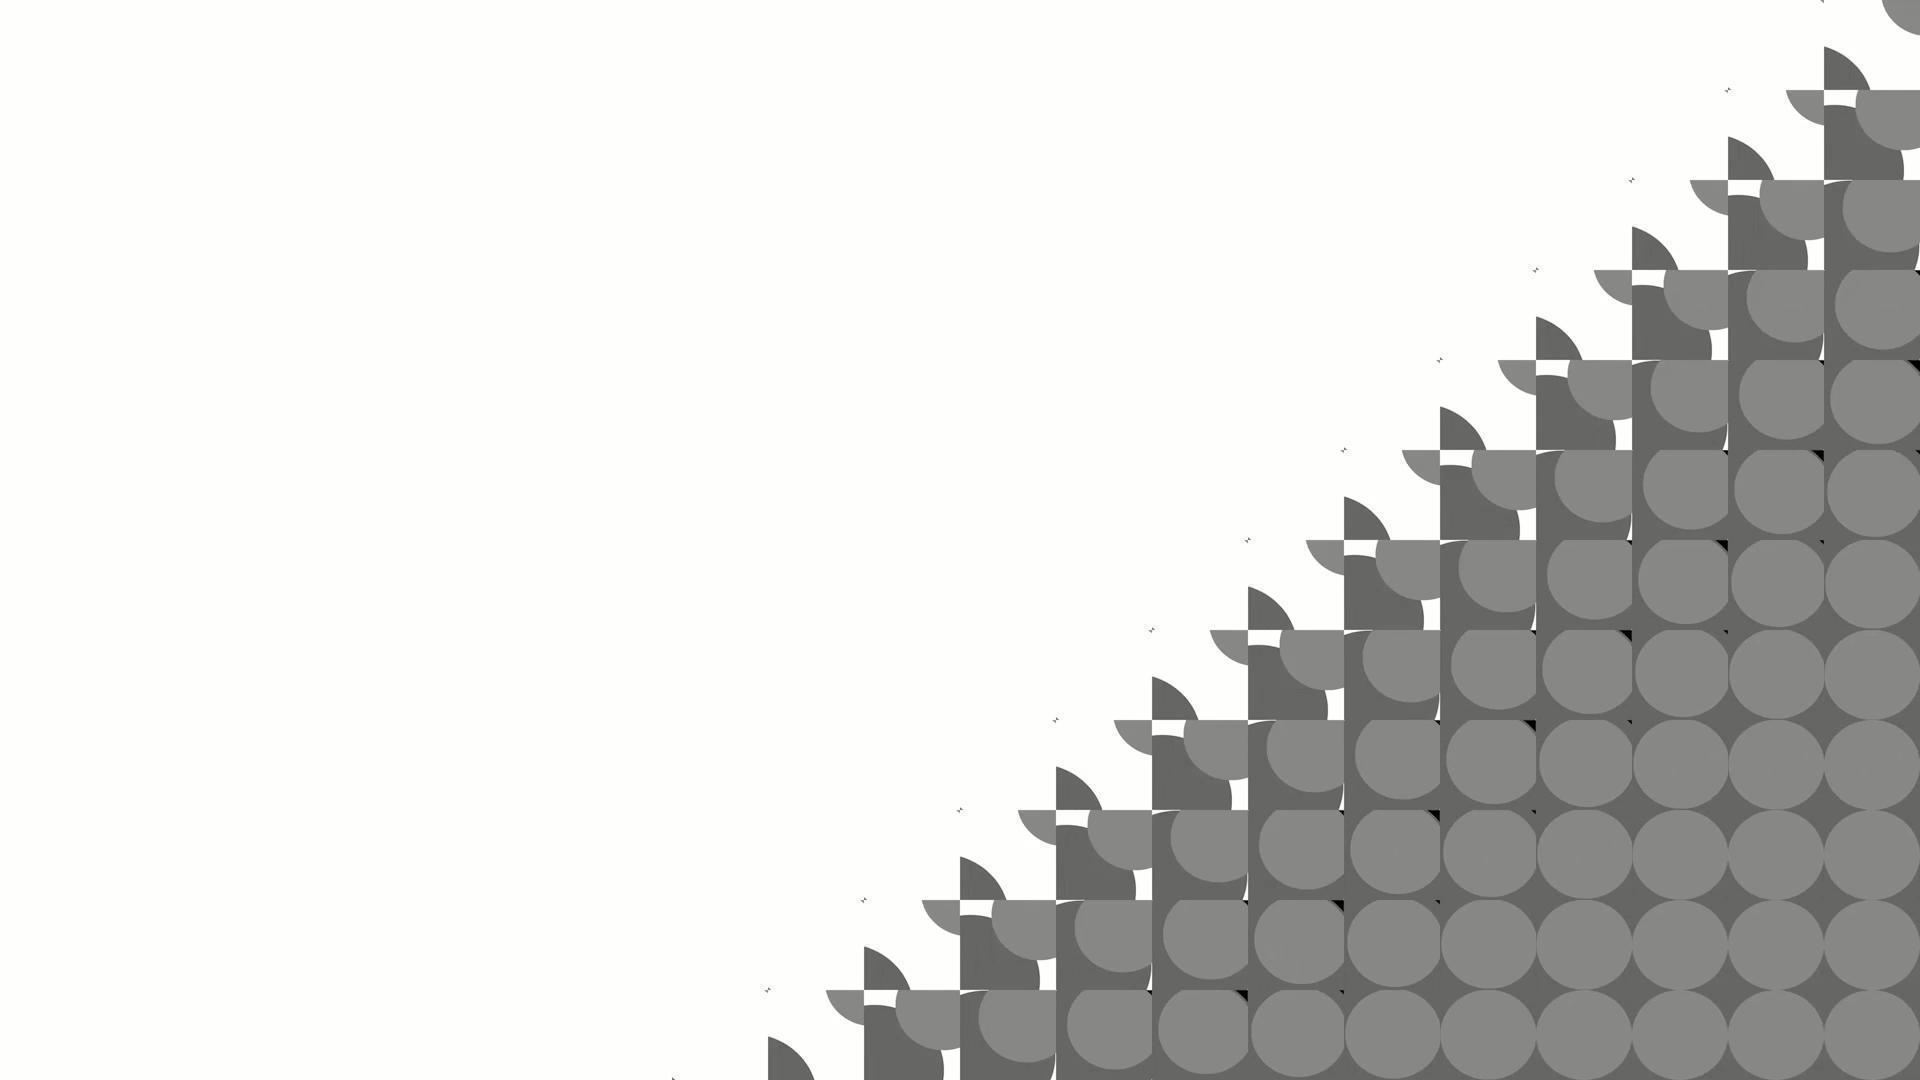 几何圆过渡素材19